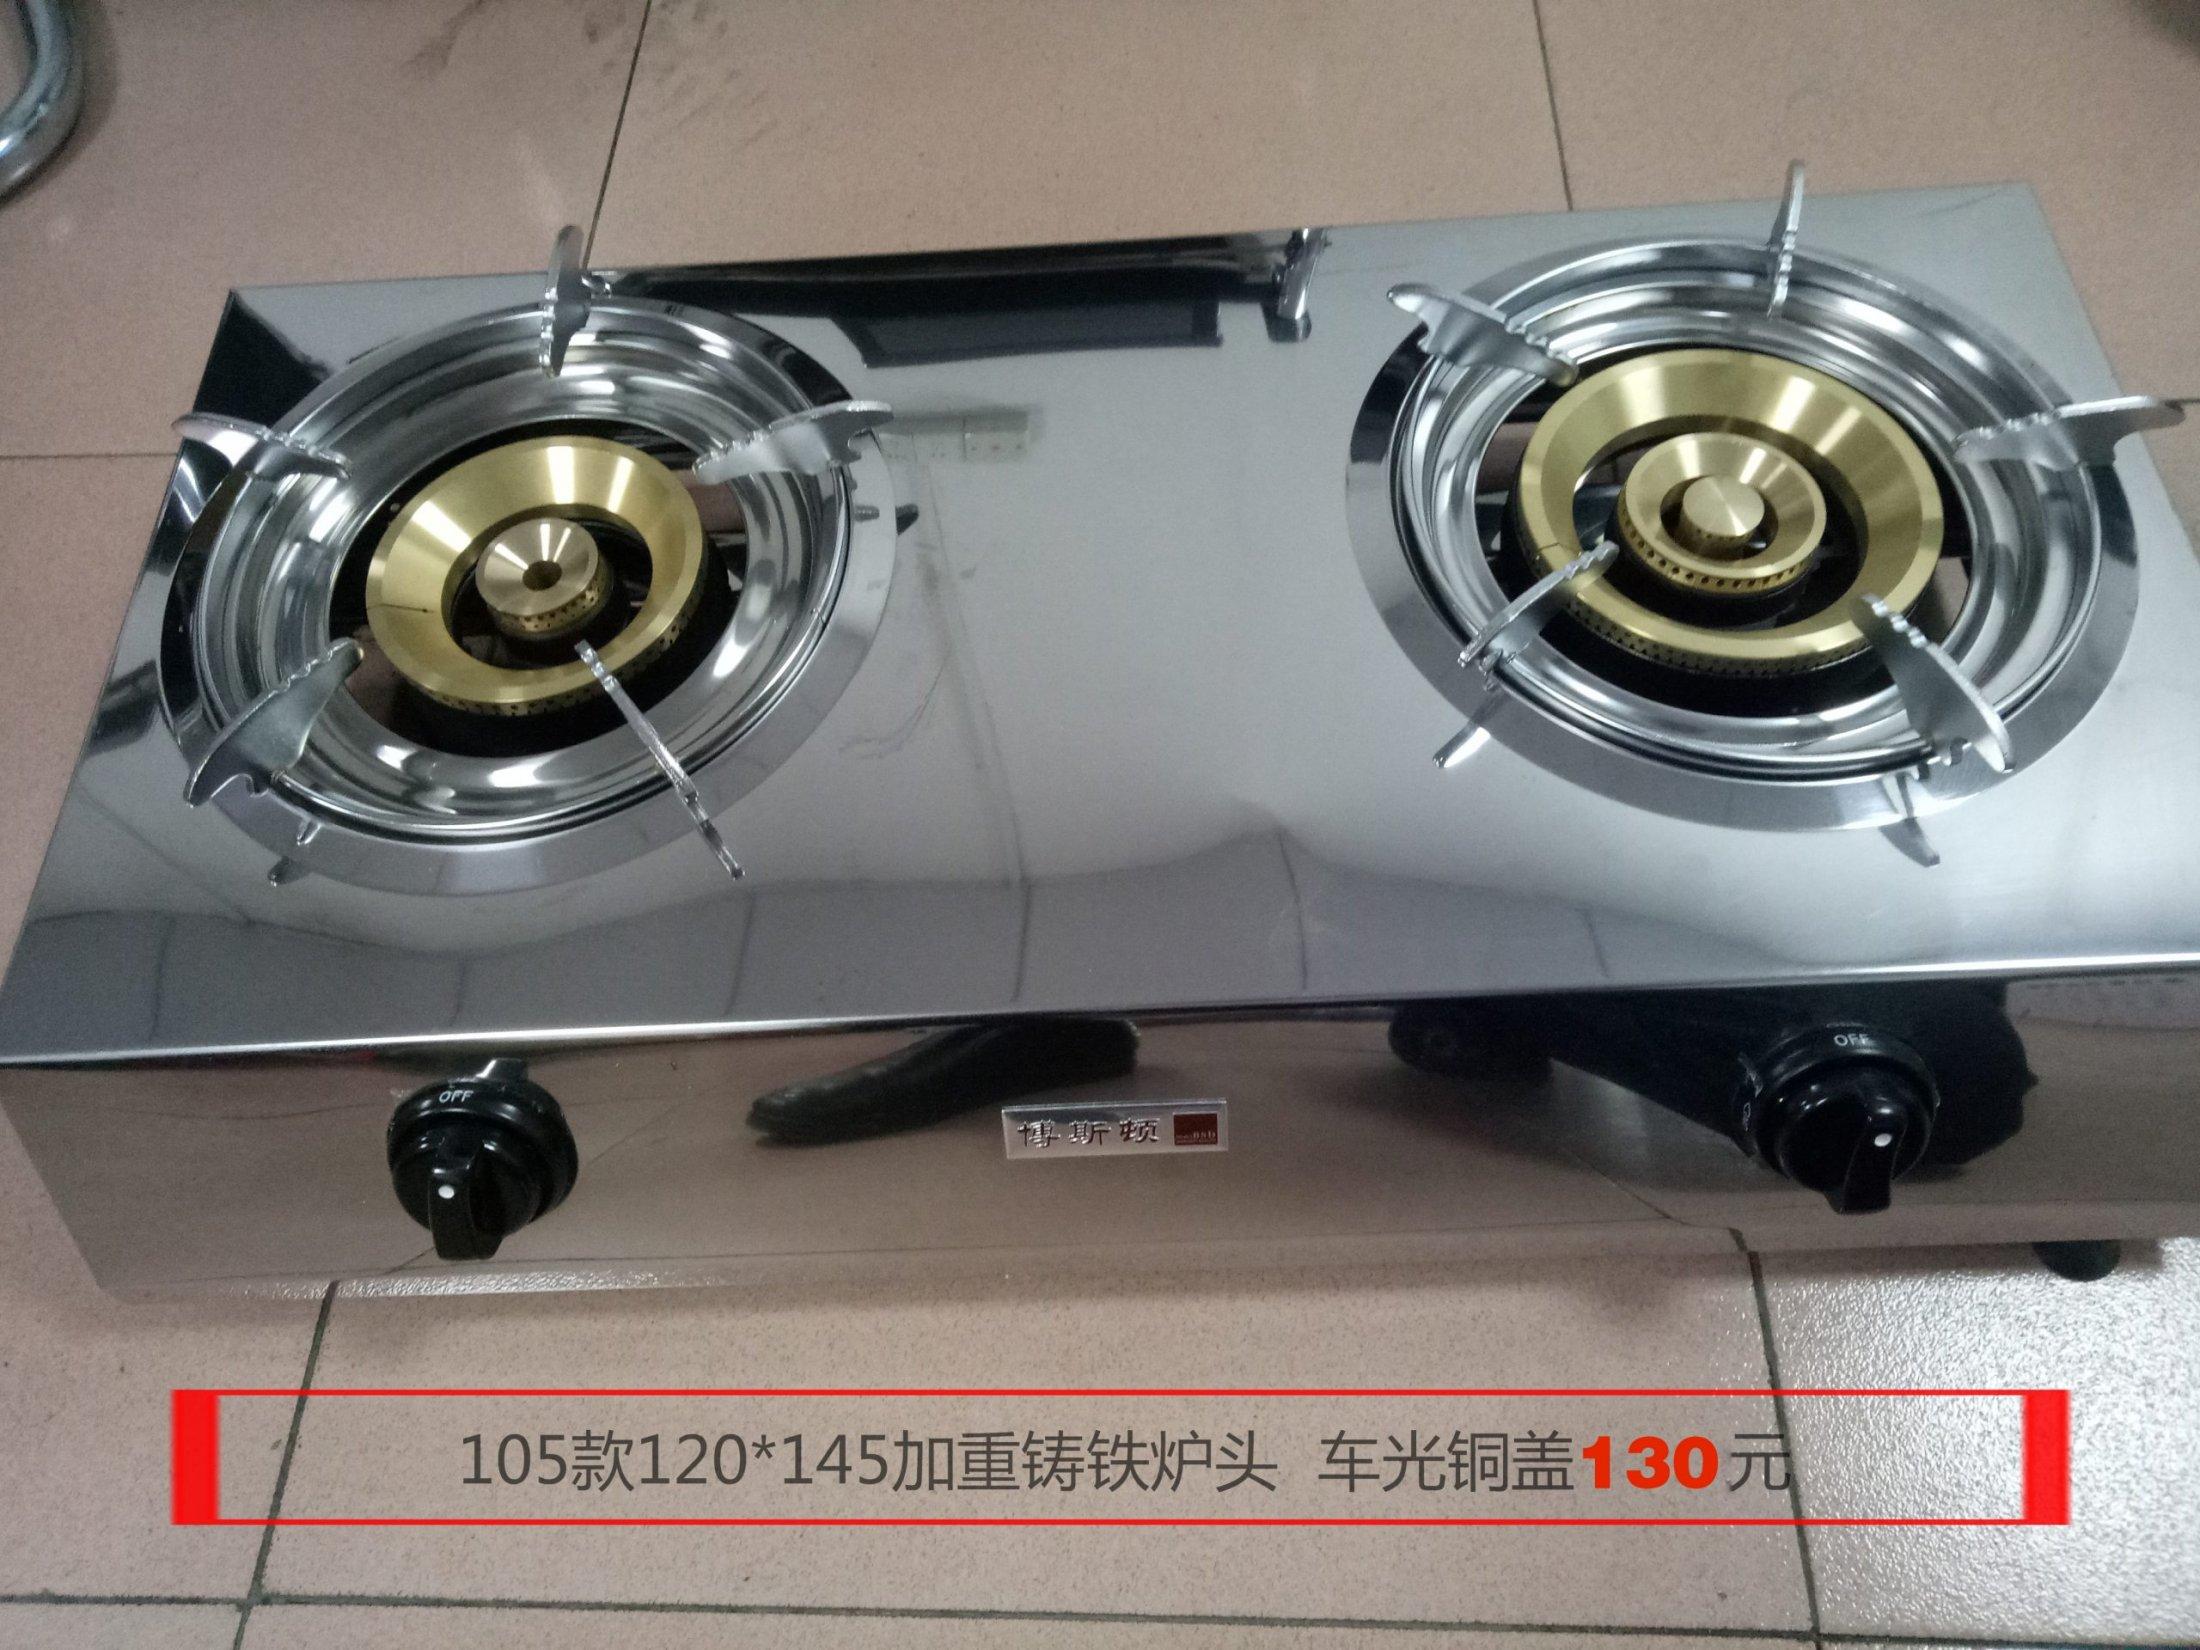 01 (10)台式燃气灶具价格,煤气炉具价格